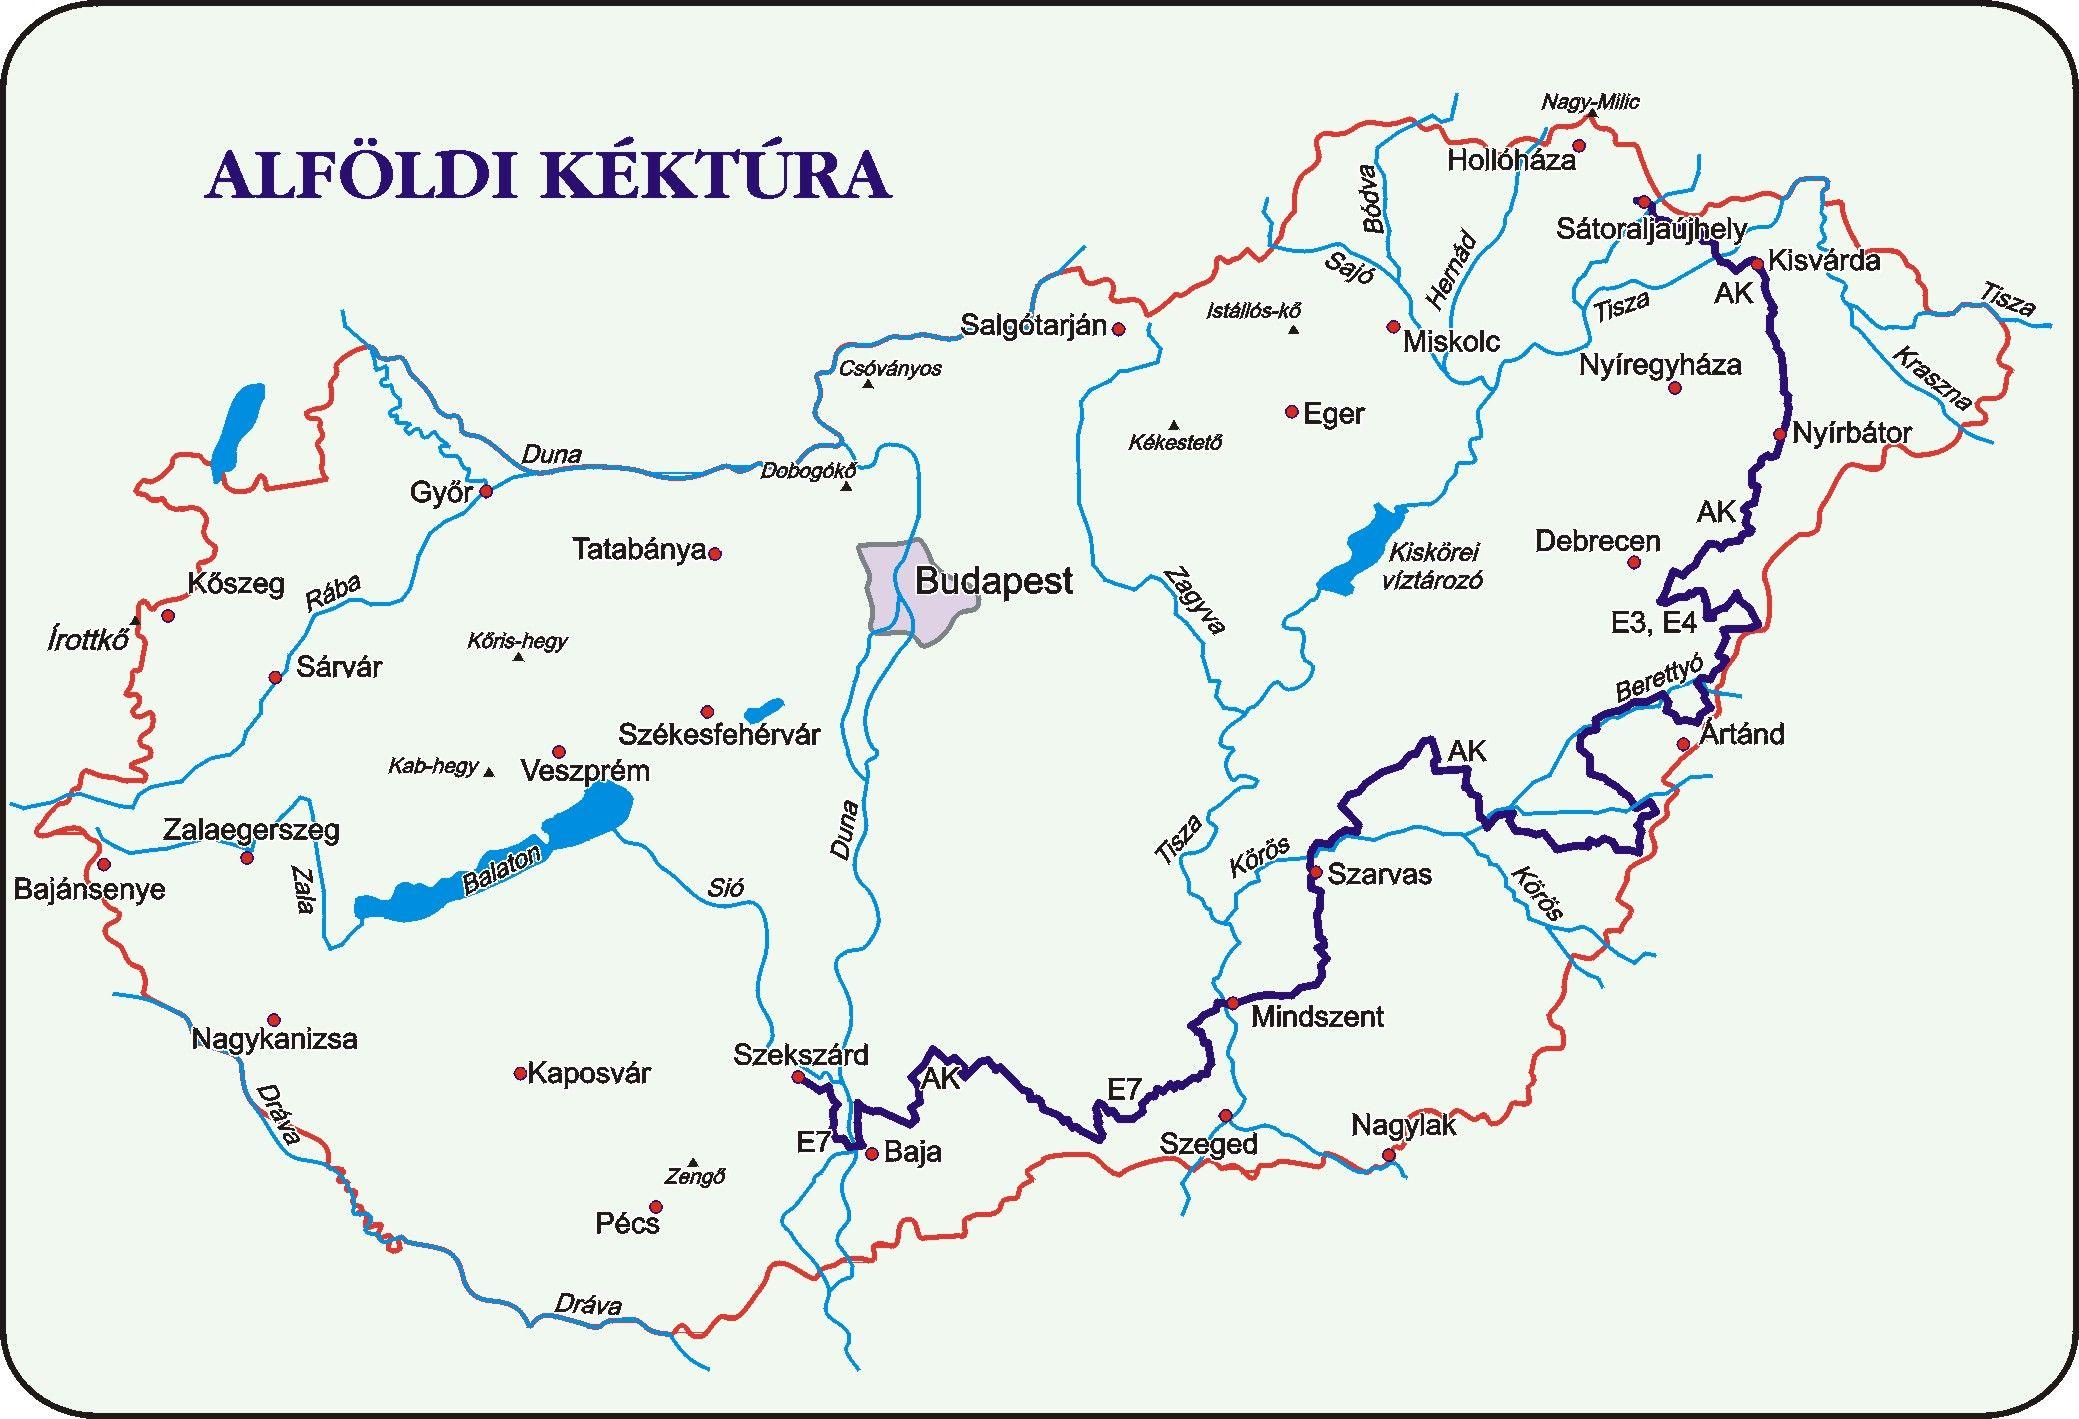 Alföldi Kéktúra áttekintő térkép